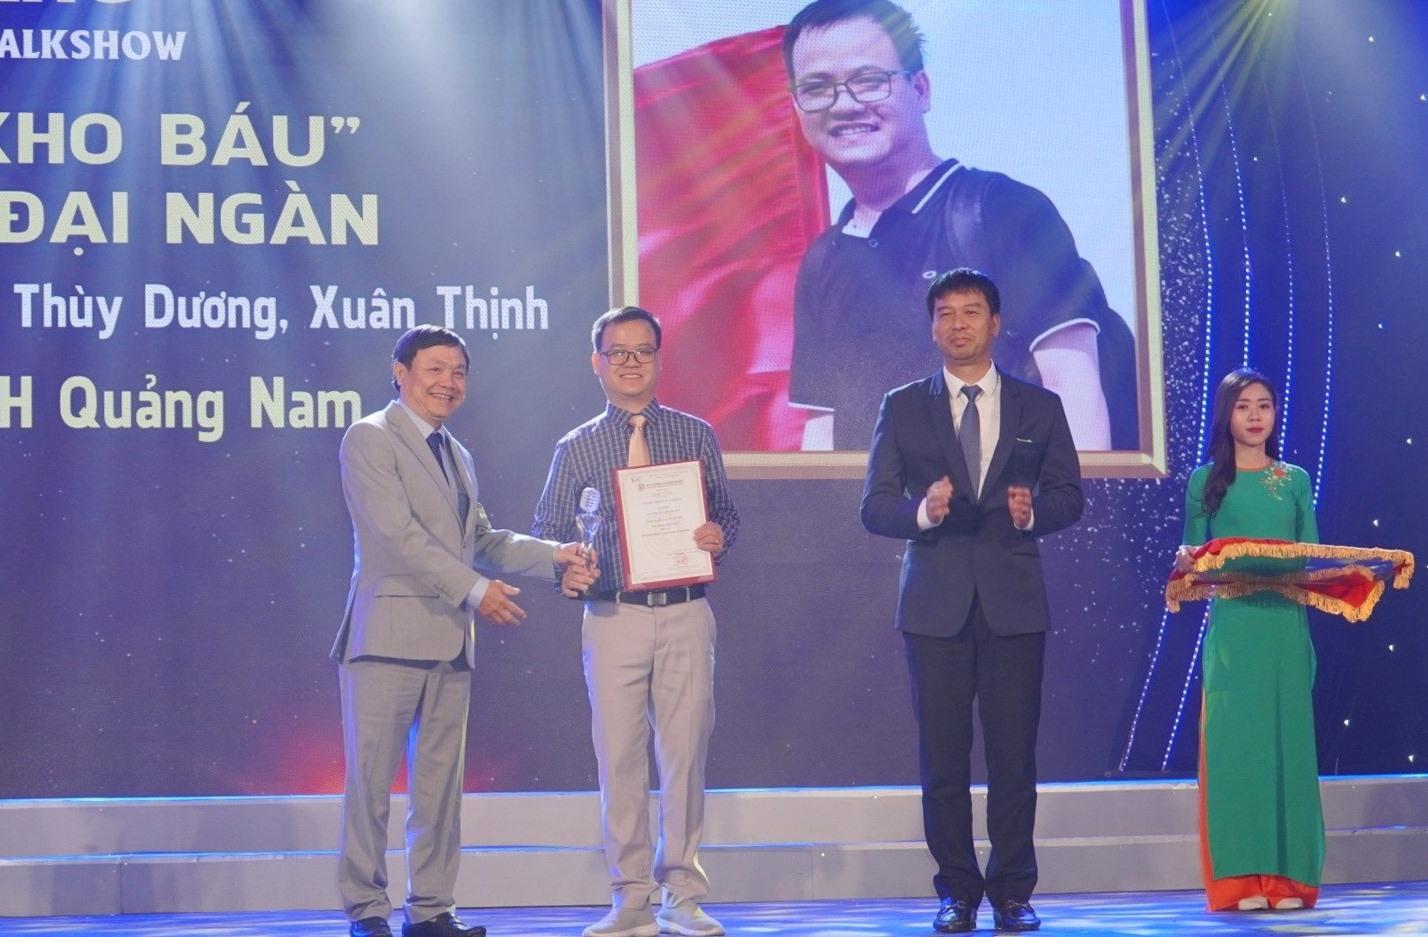 Phóng viên Long Phi đại diện nhóm tác giả Đài PT-TH Quảng Nam nhận giải Vàng tại liên hoan.